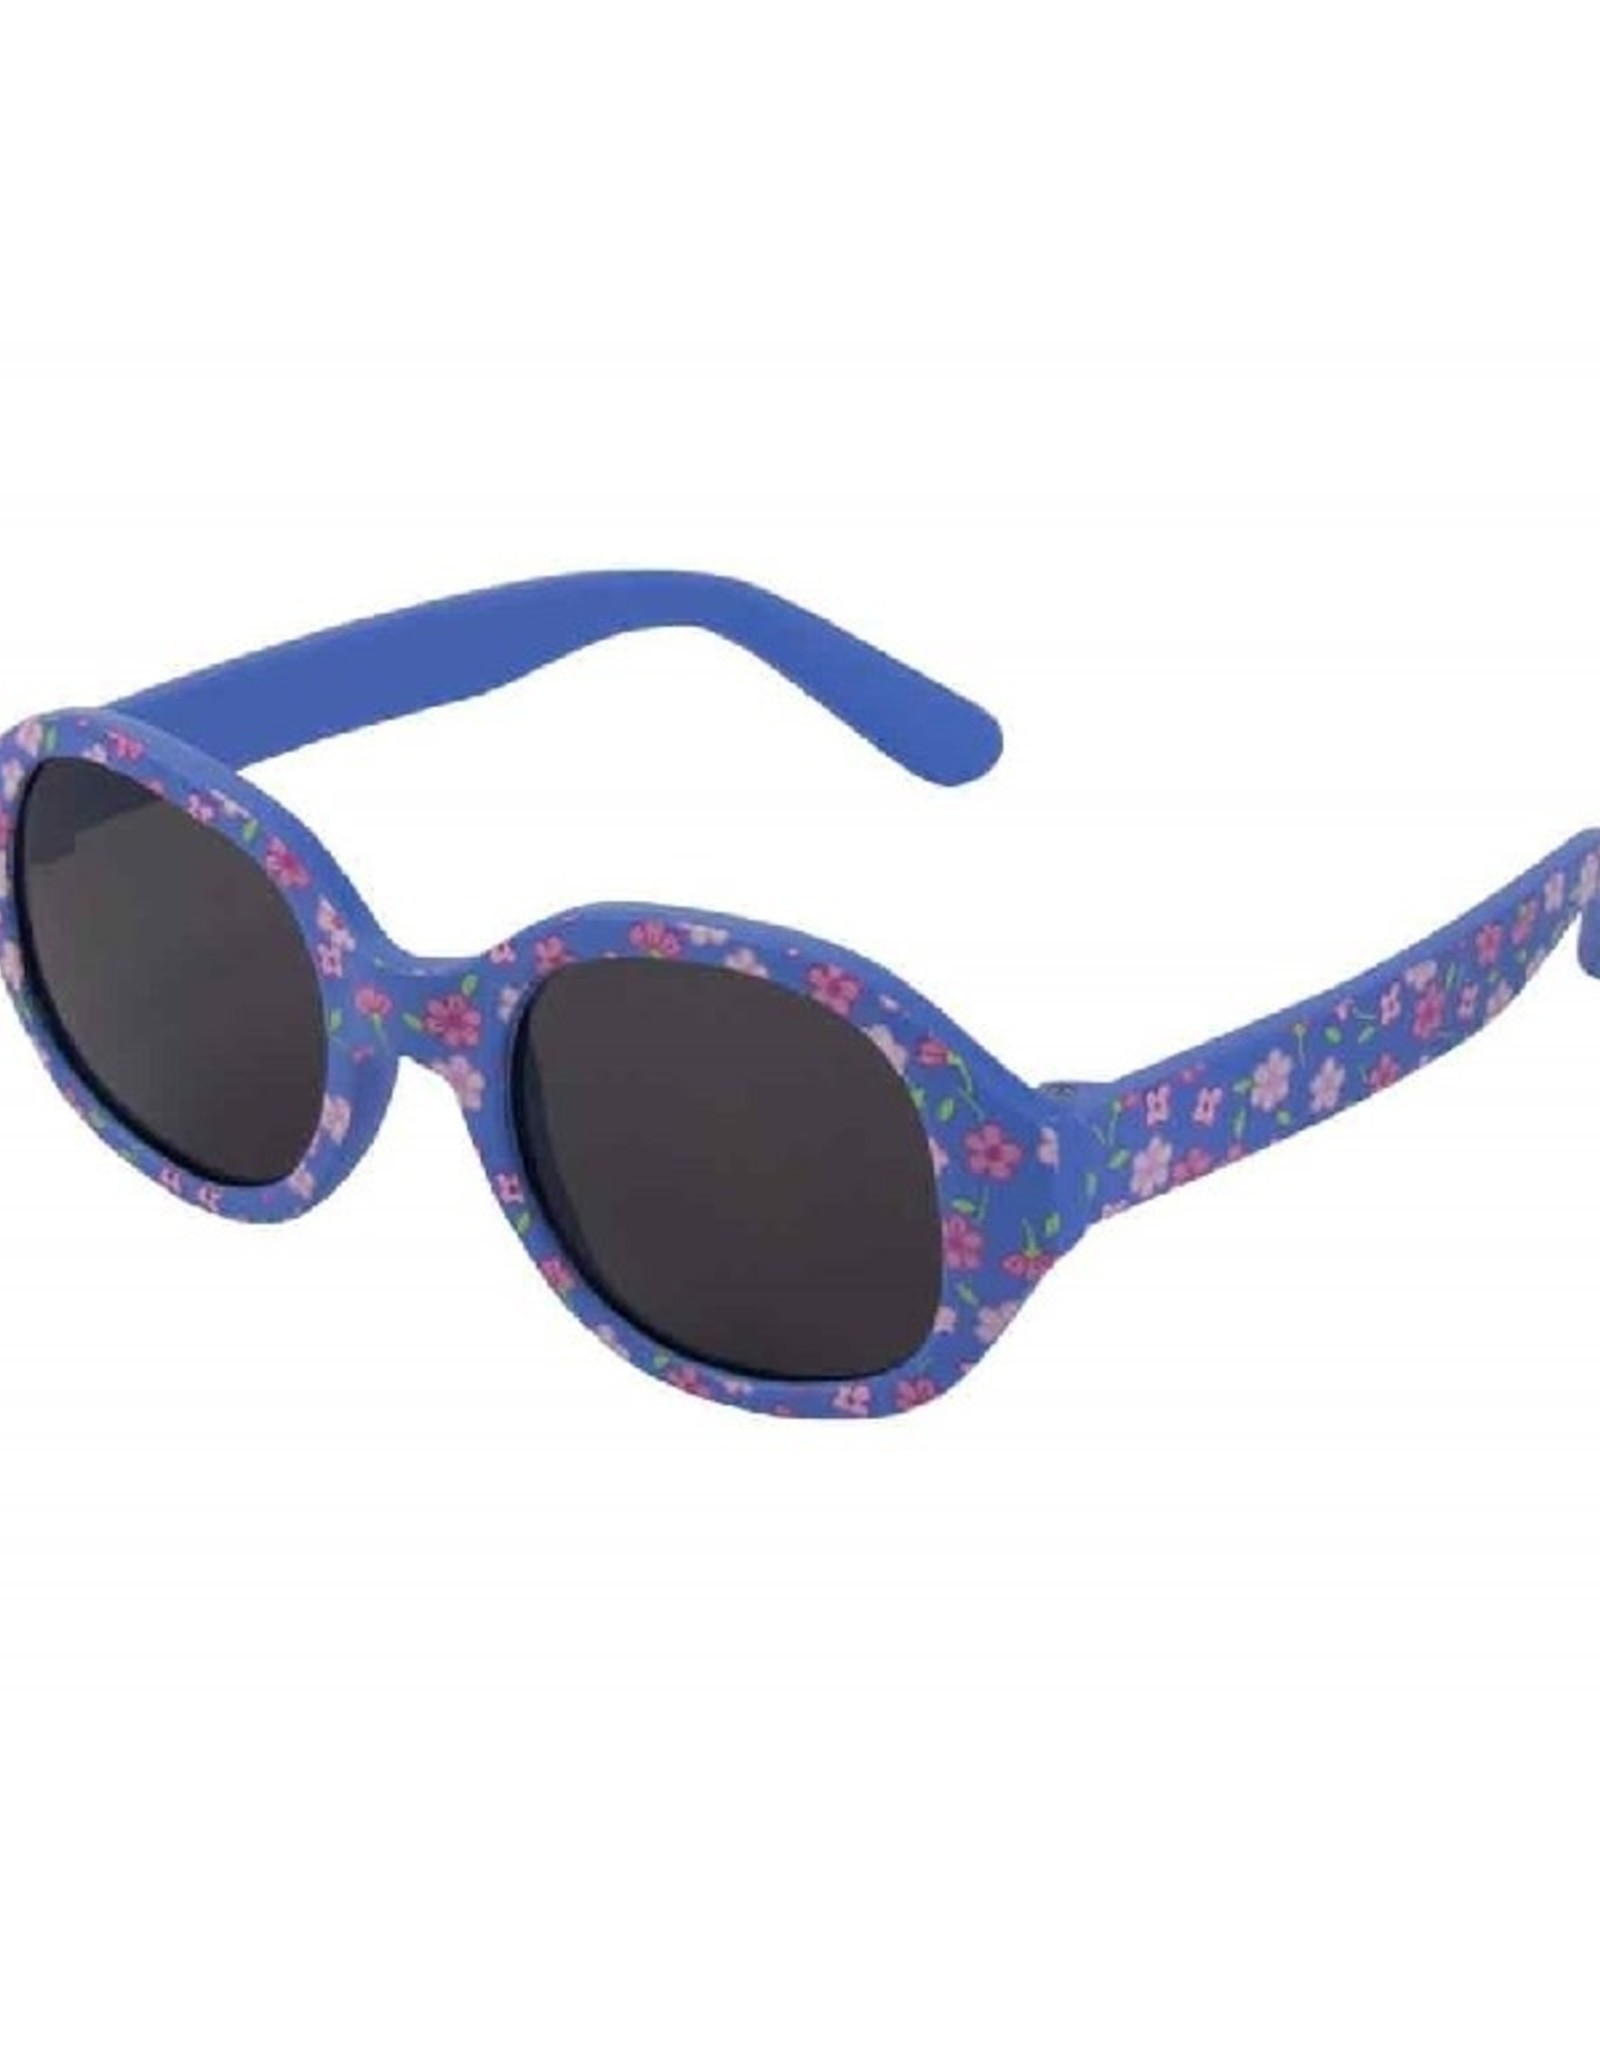 Zonnebril Flex Bloemetjes blauw